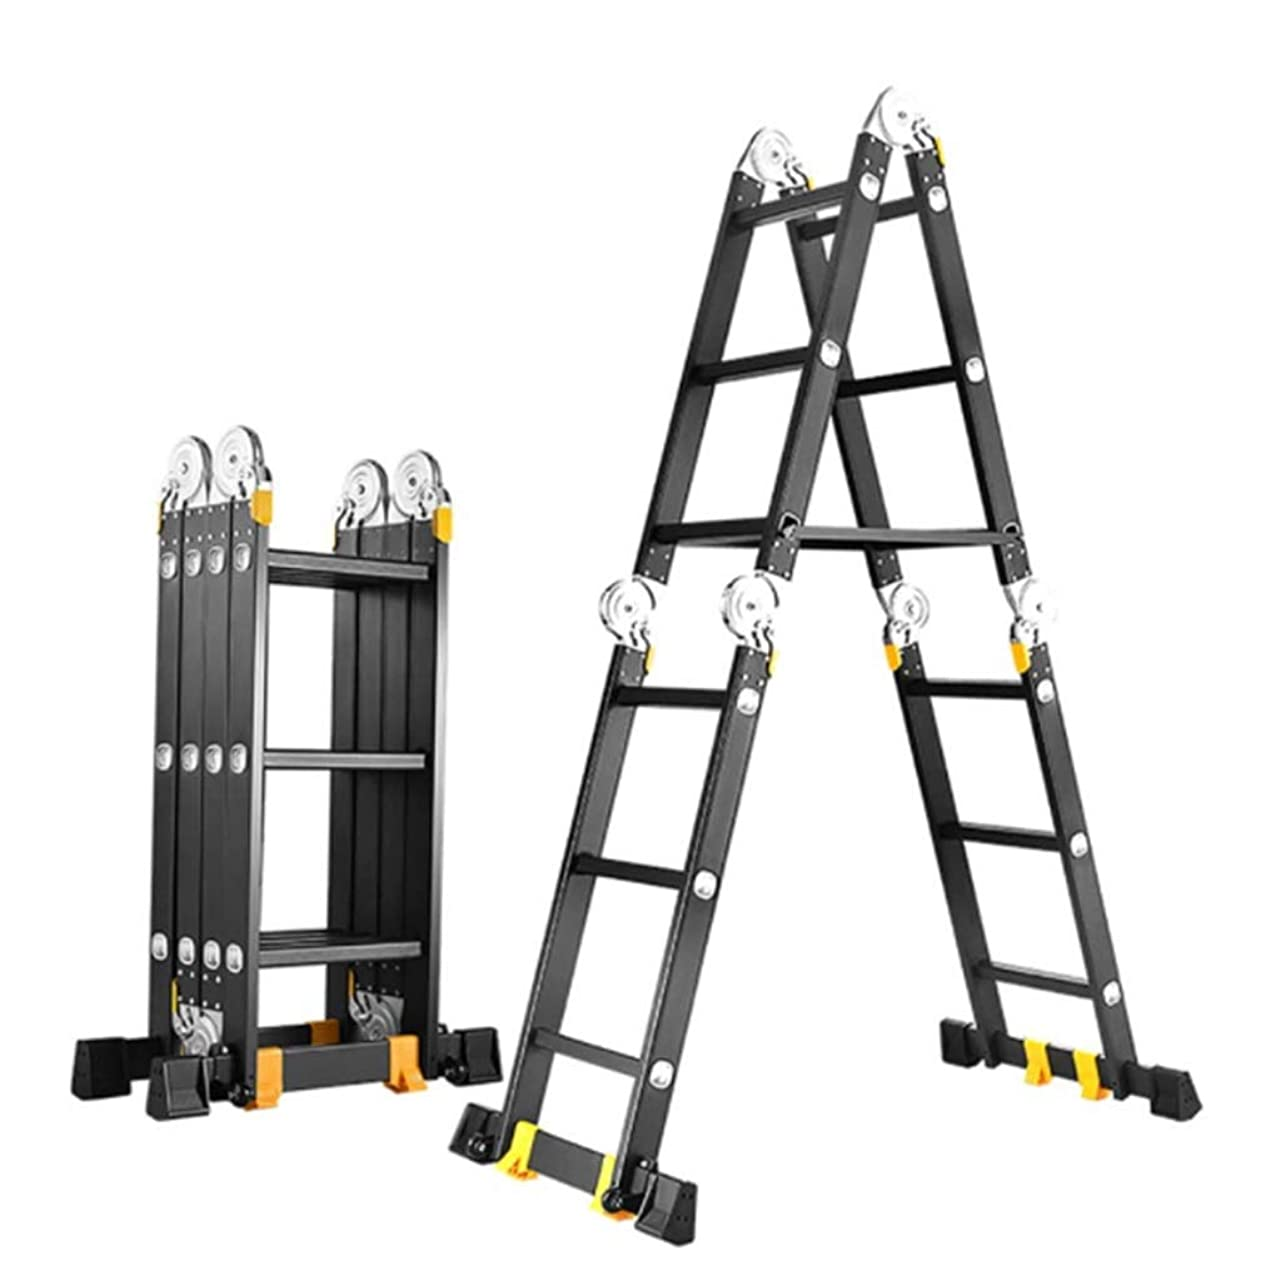 はさみへこみ独特のXEWNEG 折りたたみ梯子、多機能アルミ梯子、プーリーとバランスバー付きのポータブルエンジニアリング梯子、 (Size : Straight 5.8M= Herringbone 2.8M)